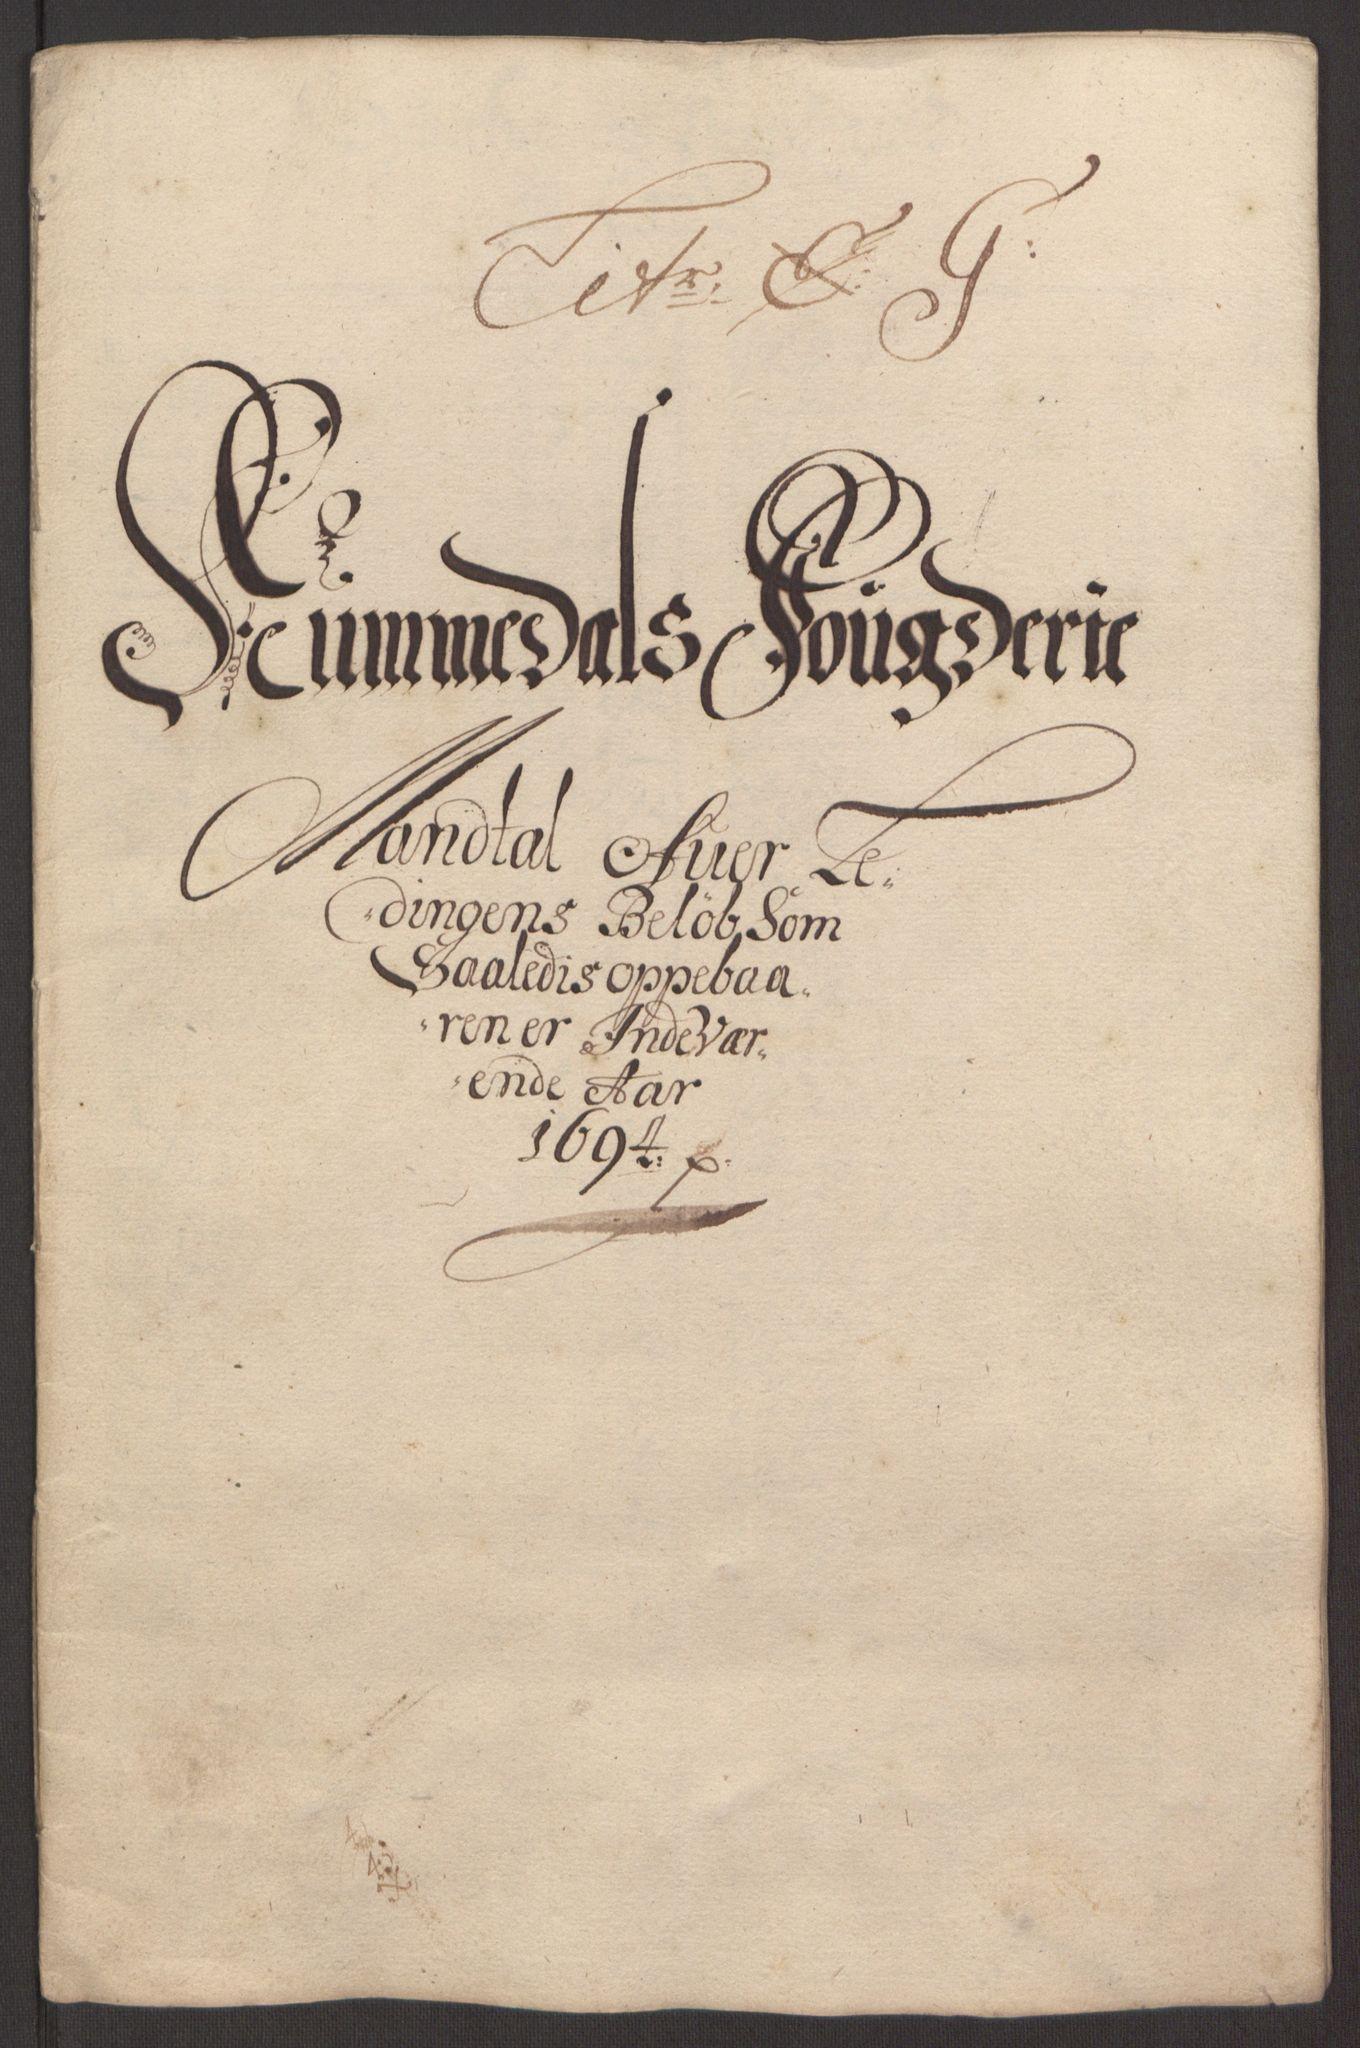 RA, Rentekammeret inntil 1814, Reviderte regnskaper, Fogderegnskap, R64/L4424: Fogderegnskap Namdal, 1692-1695, s. 379